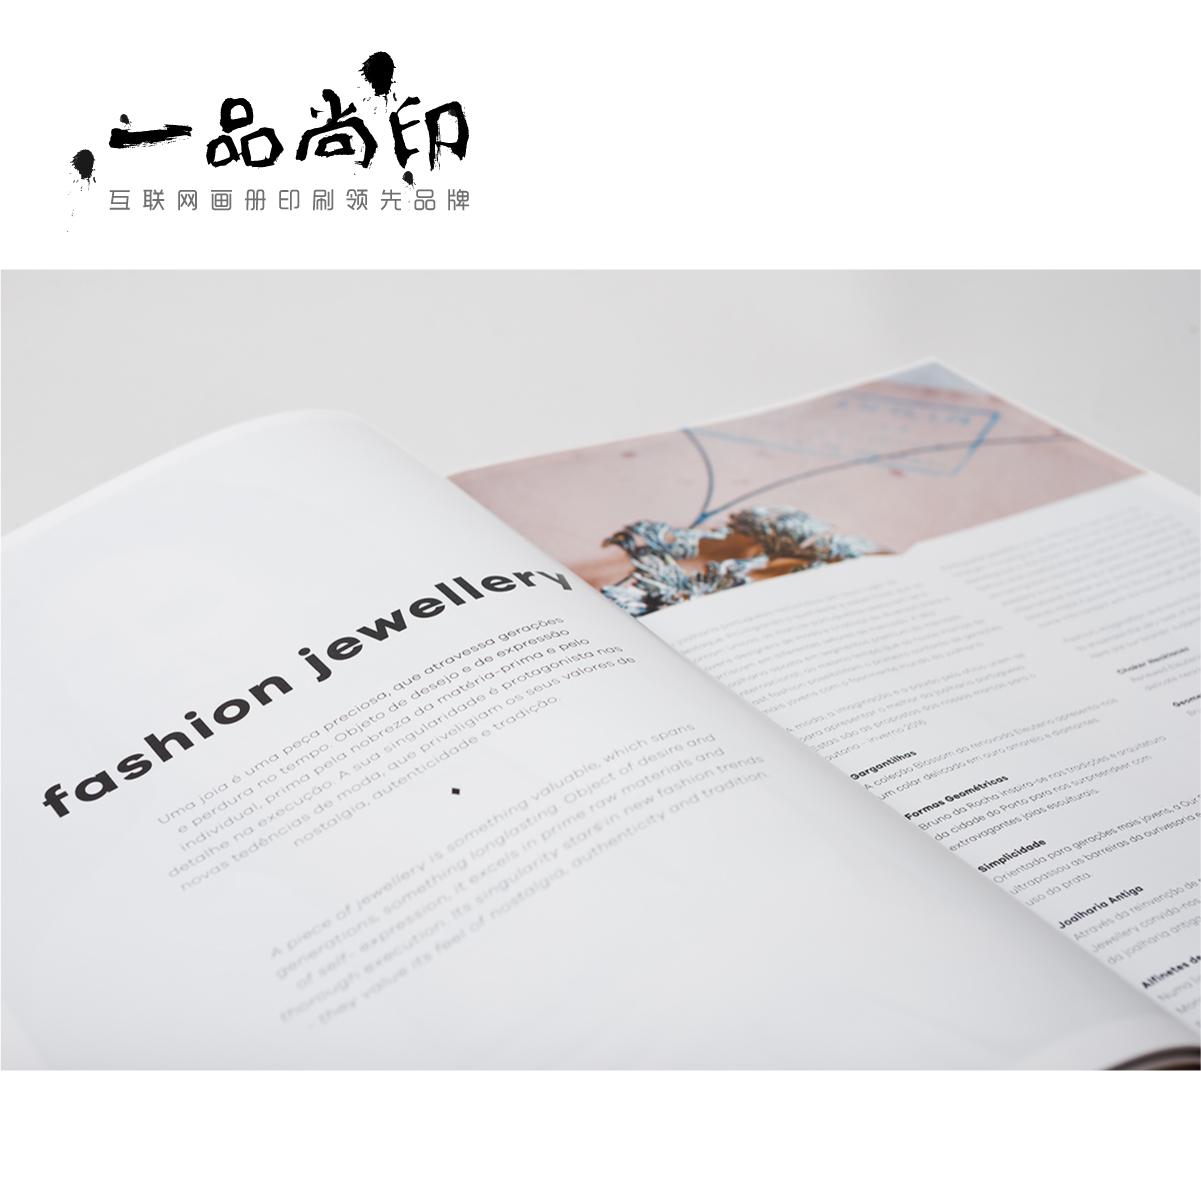 宣传册印刷画册定制样本可用特种纸艺术纸打印公司企业产品目录